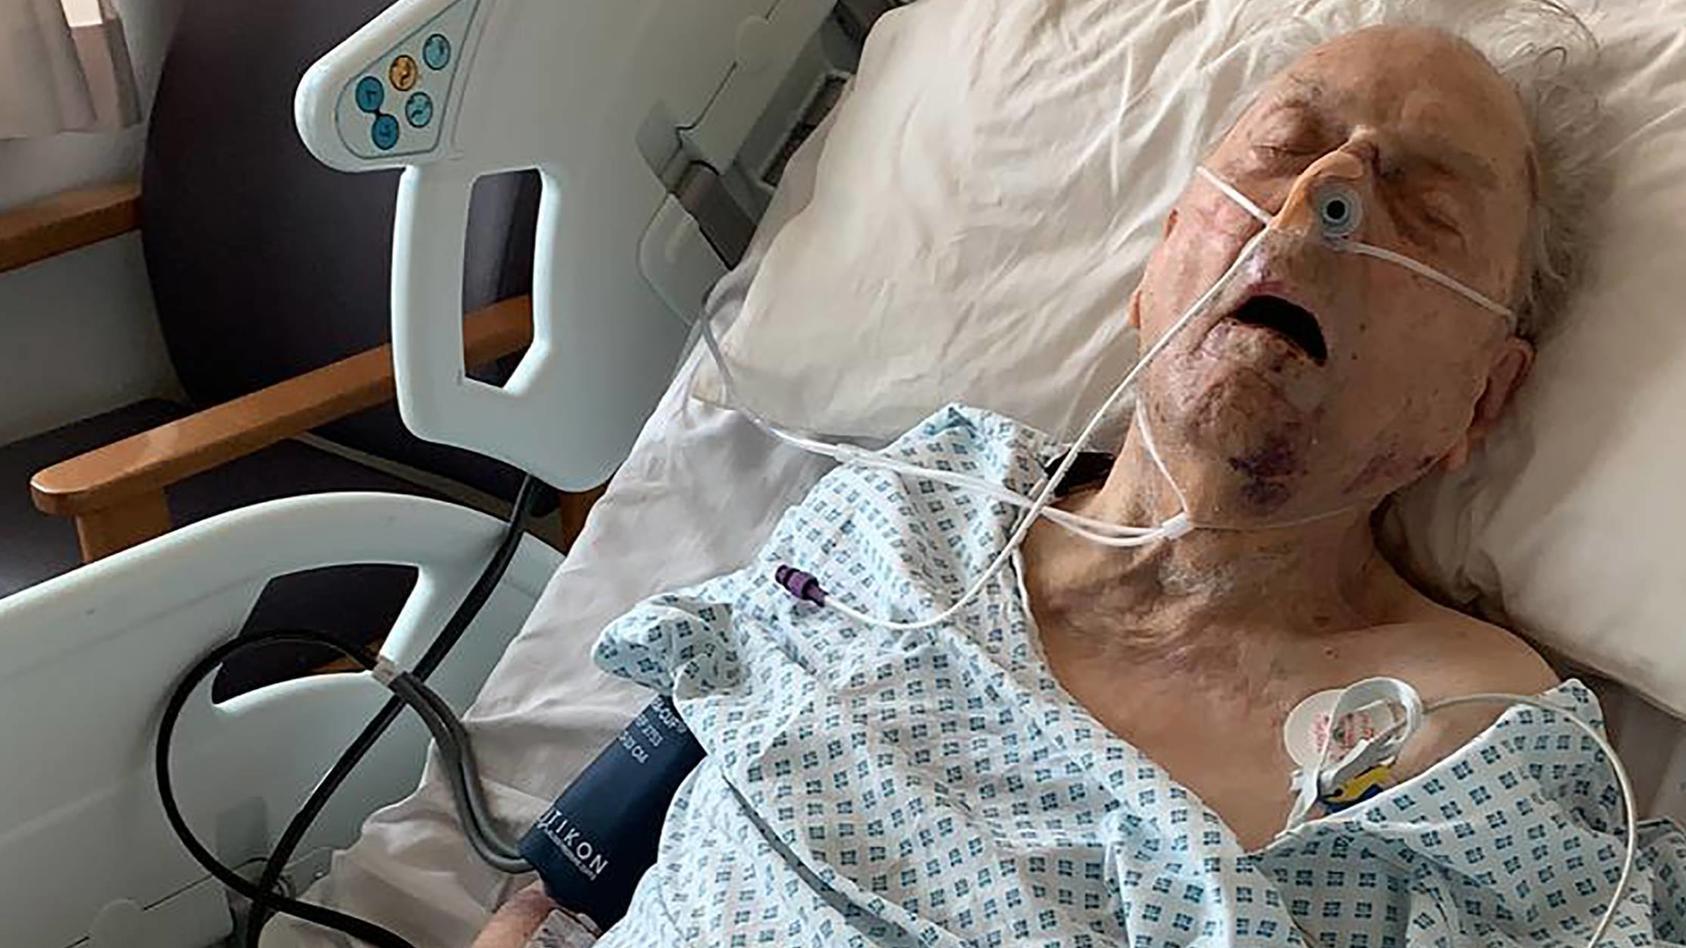 Der hilflose 98 Jahre alte Mann wurde in seinem Haus überfallen und brutal zusammengeschlagen.